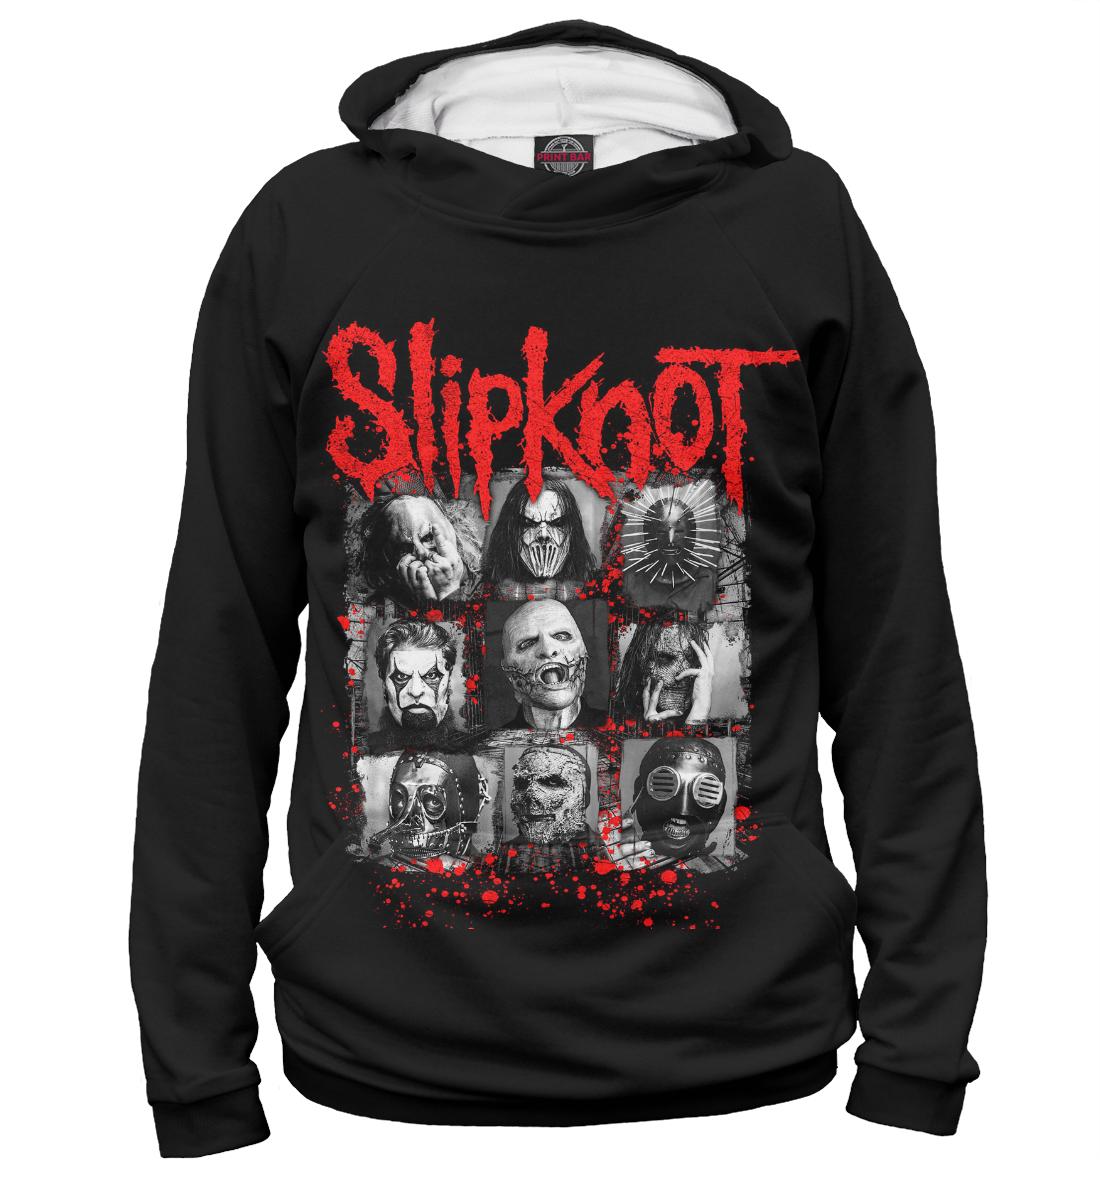 Купить Худи для мальчика Slipknot SLI-900730-hud-2